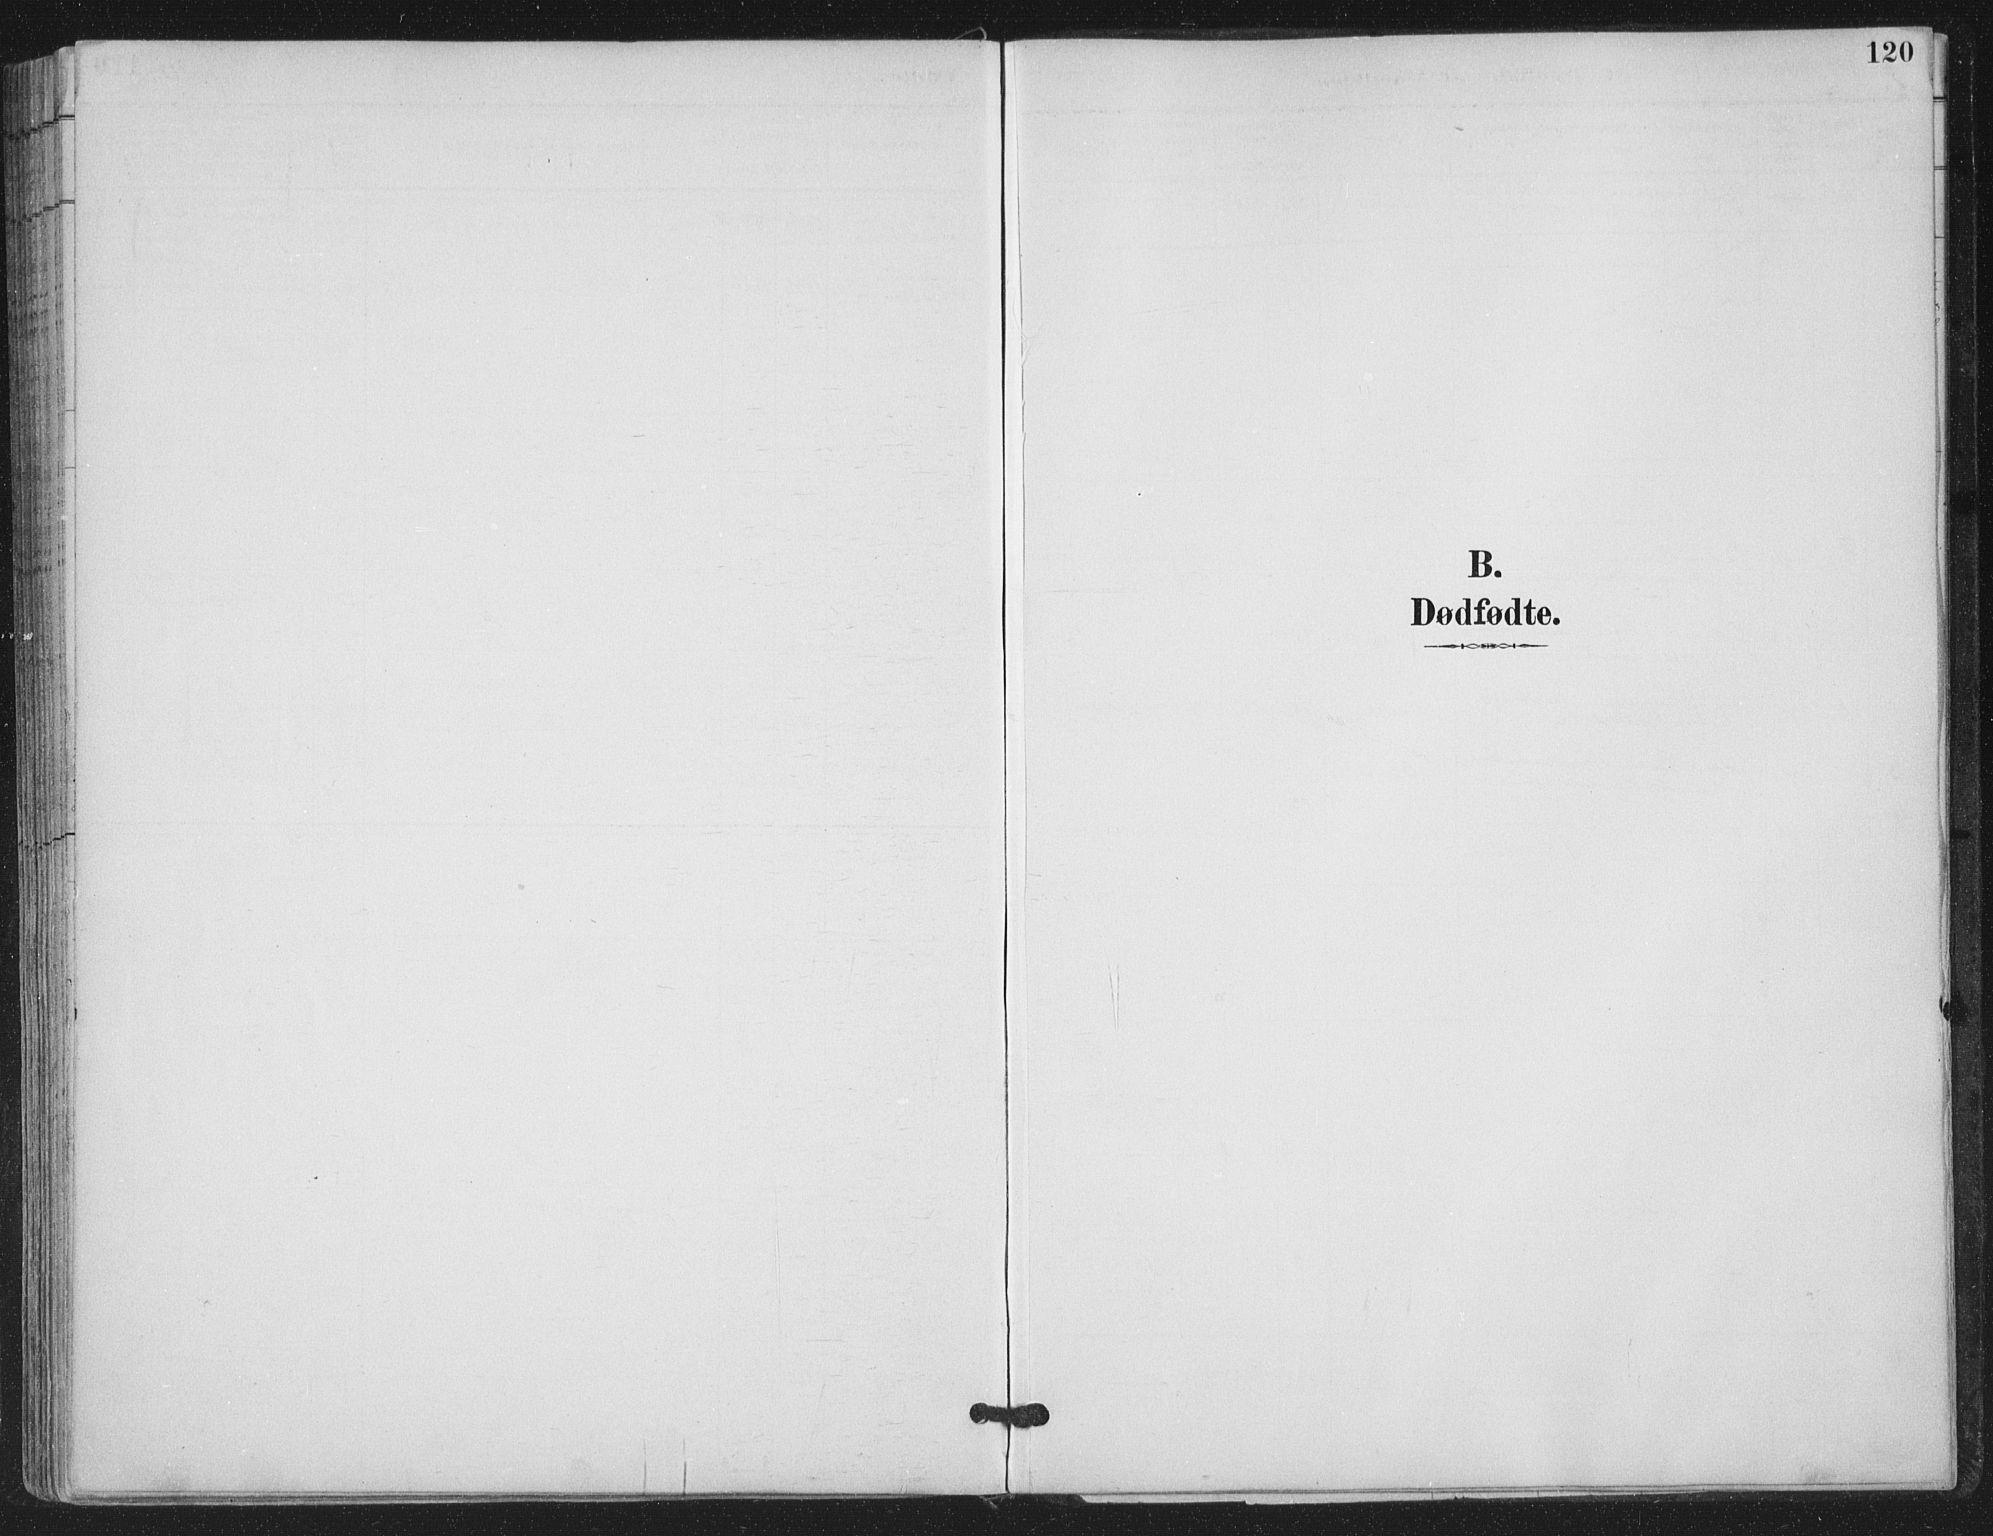 SAT, Ministerialprotokoller, klokkerbøker og fødselsregistre - Nordland, 843/L0628: Parish register (official) no. 843A03, 1889-1907, p. 120